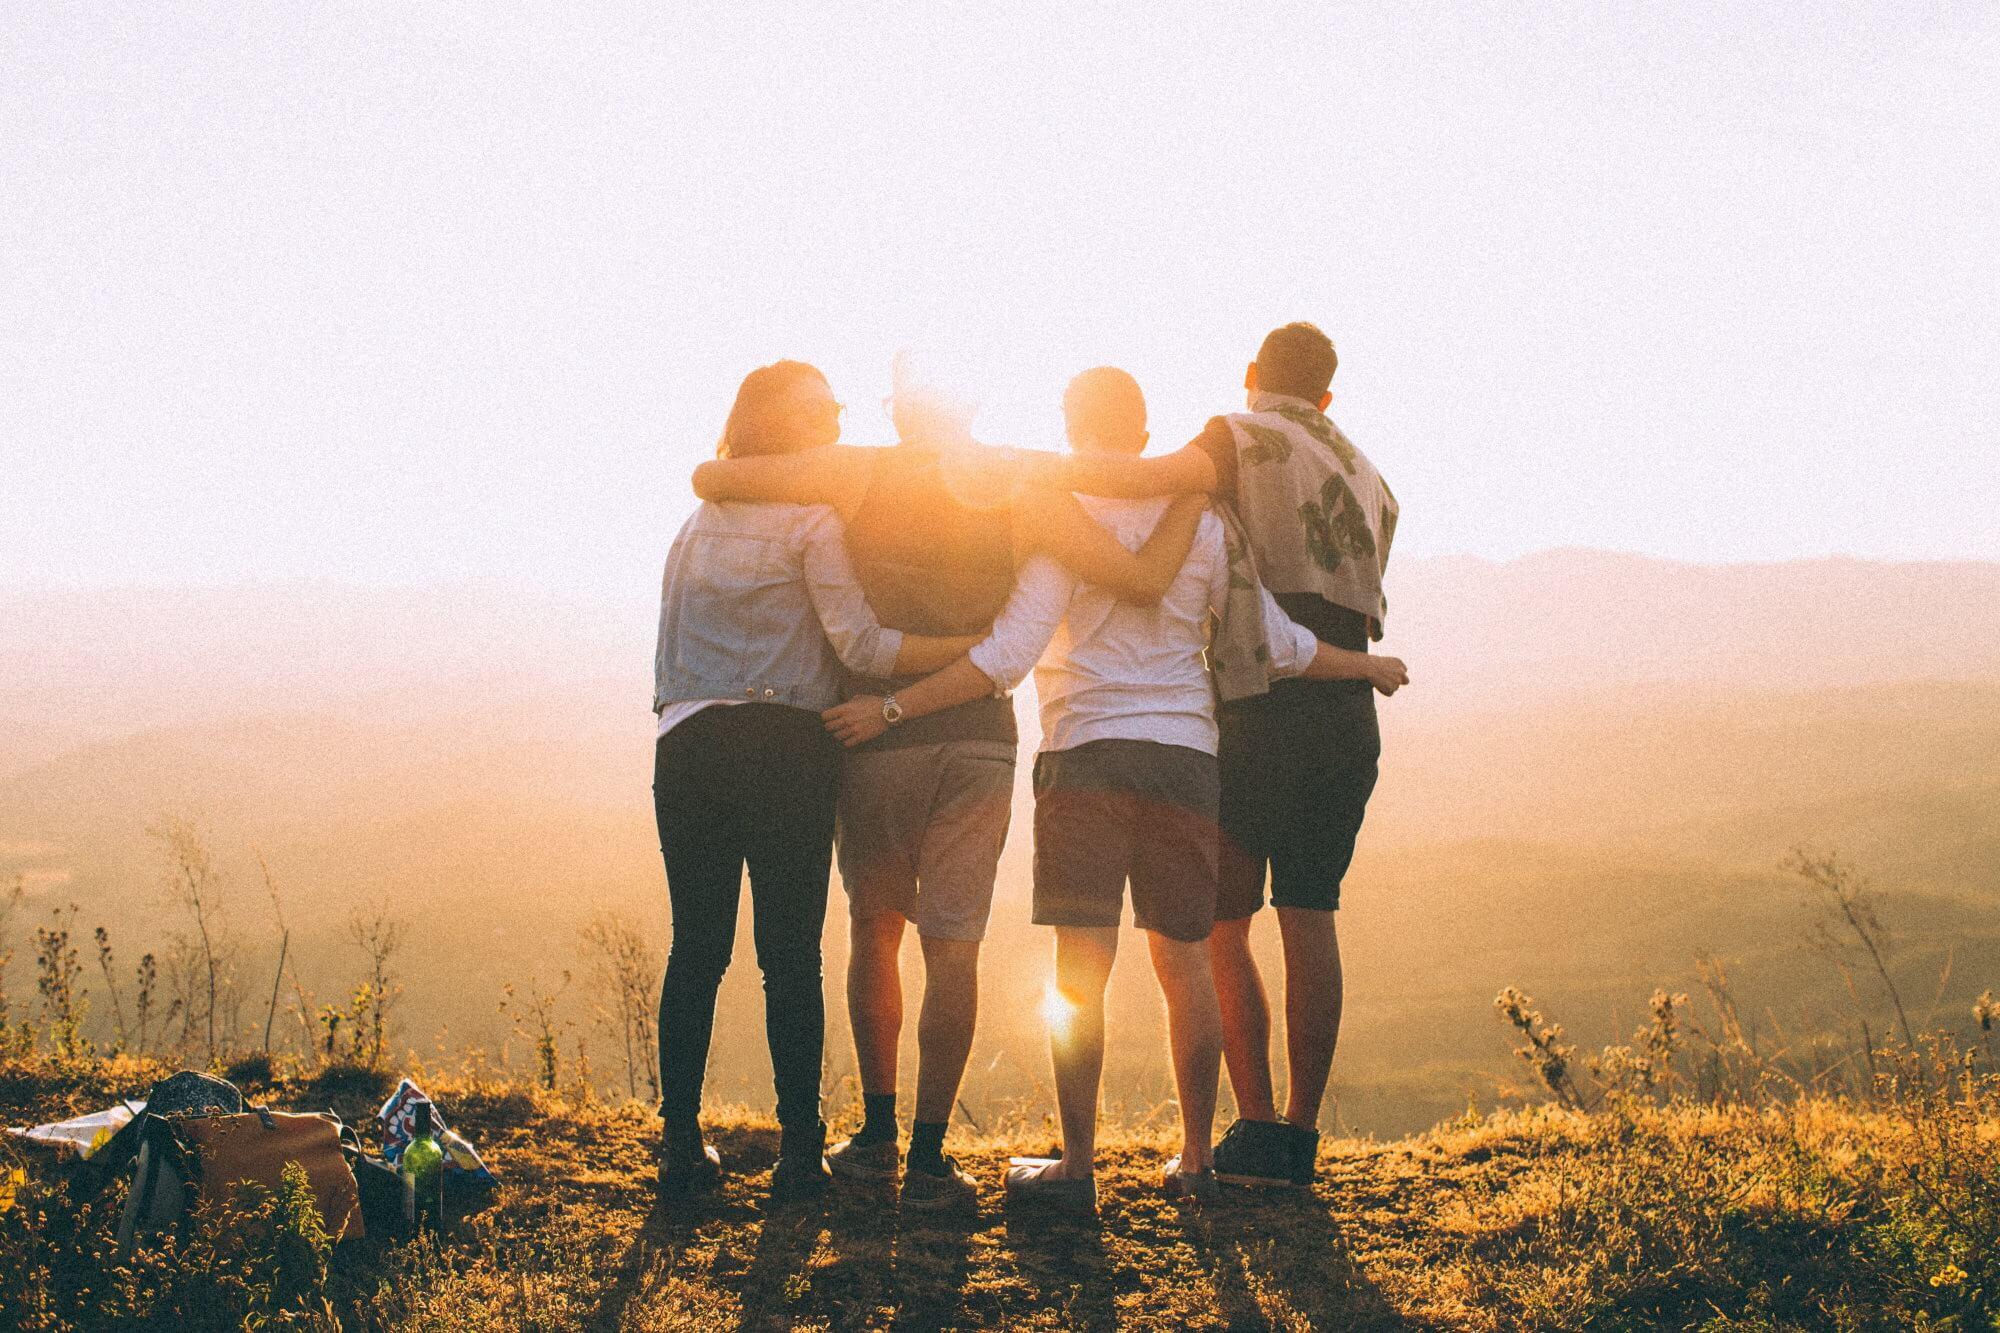 красивые фотографии дружбы говорю